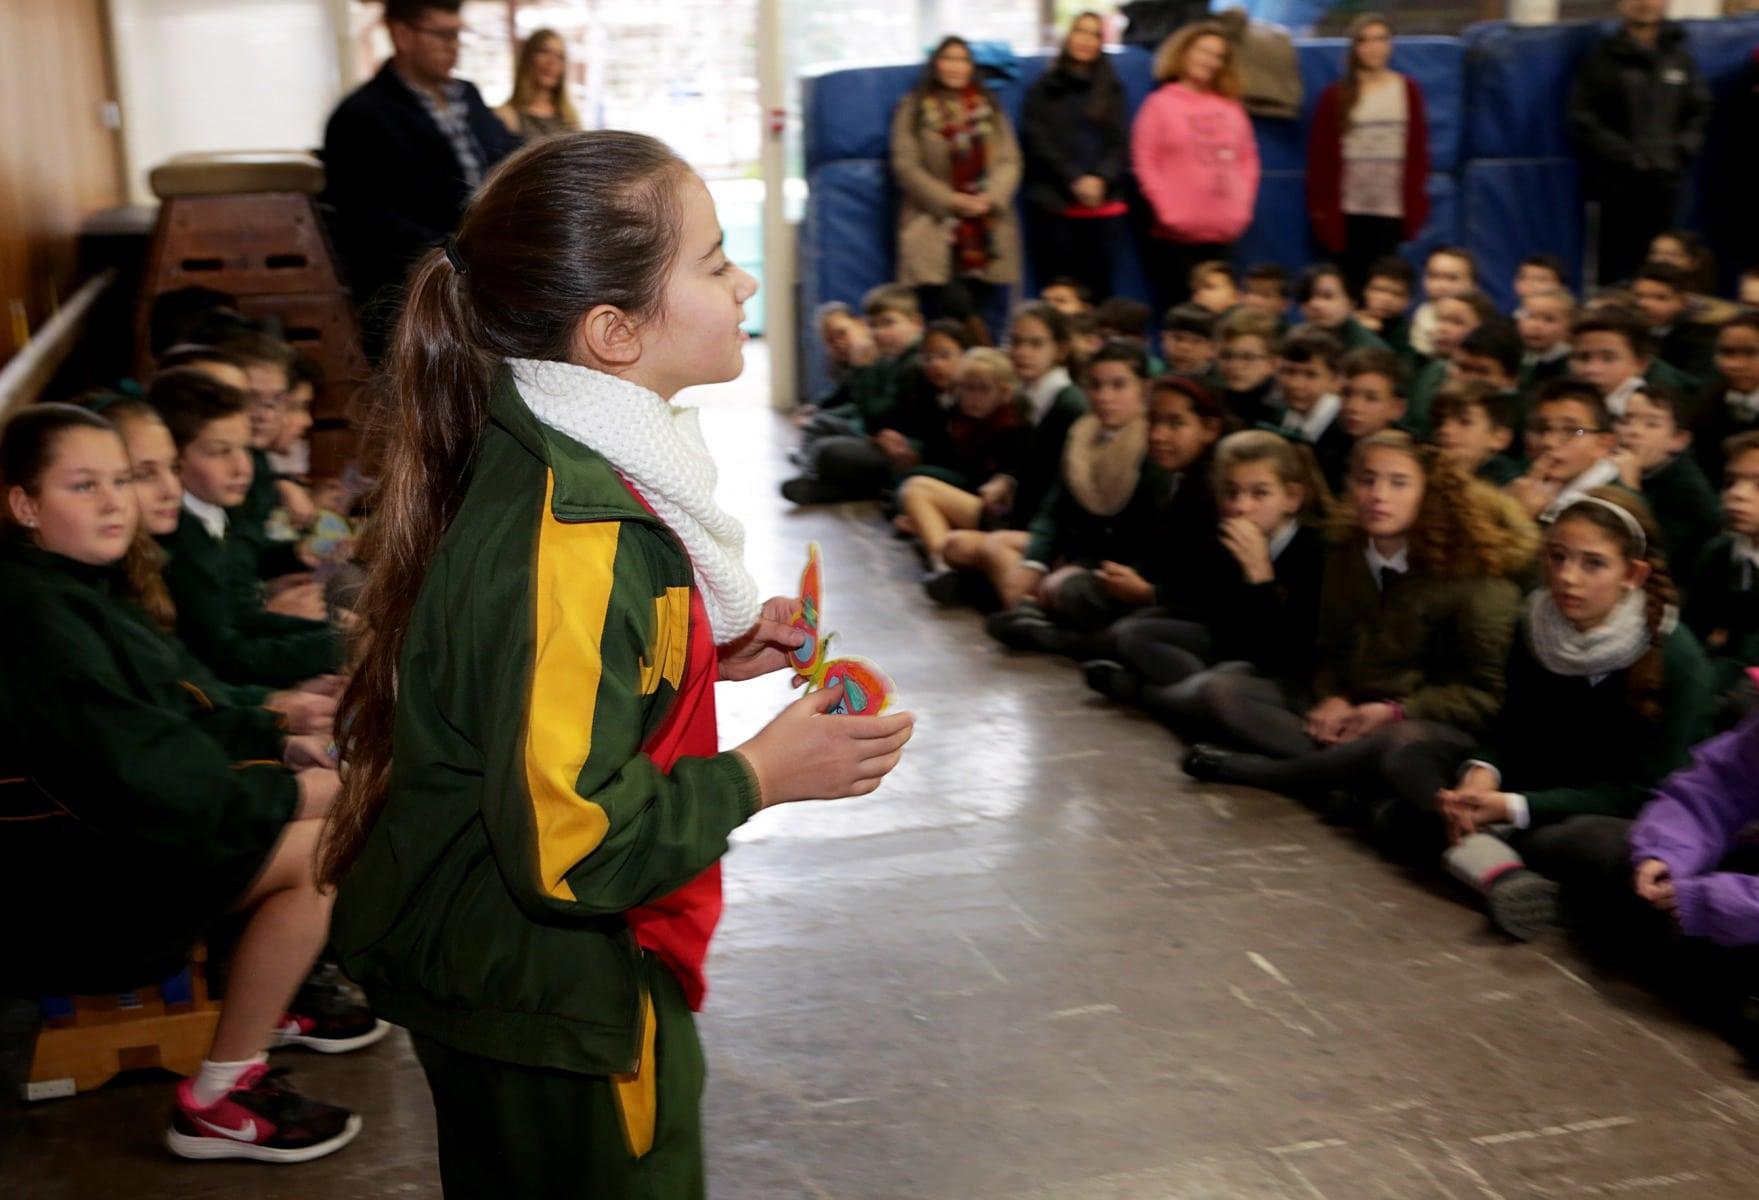 27-ene-17-alumnos-de-la-escuela-obispo-fitzgerald-de-gibraltar-conmemoran-el-holocausto_31742374163_o